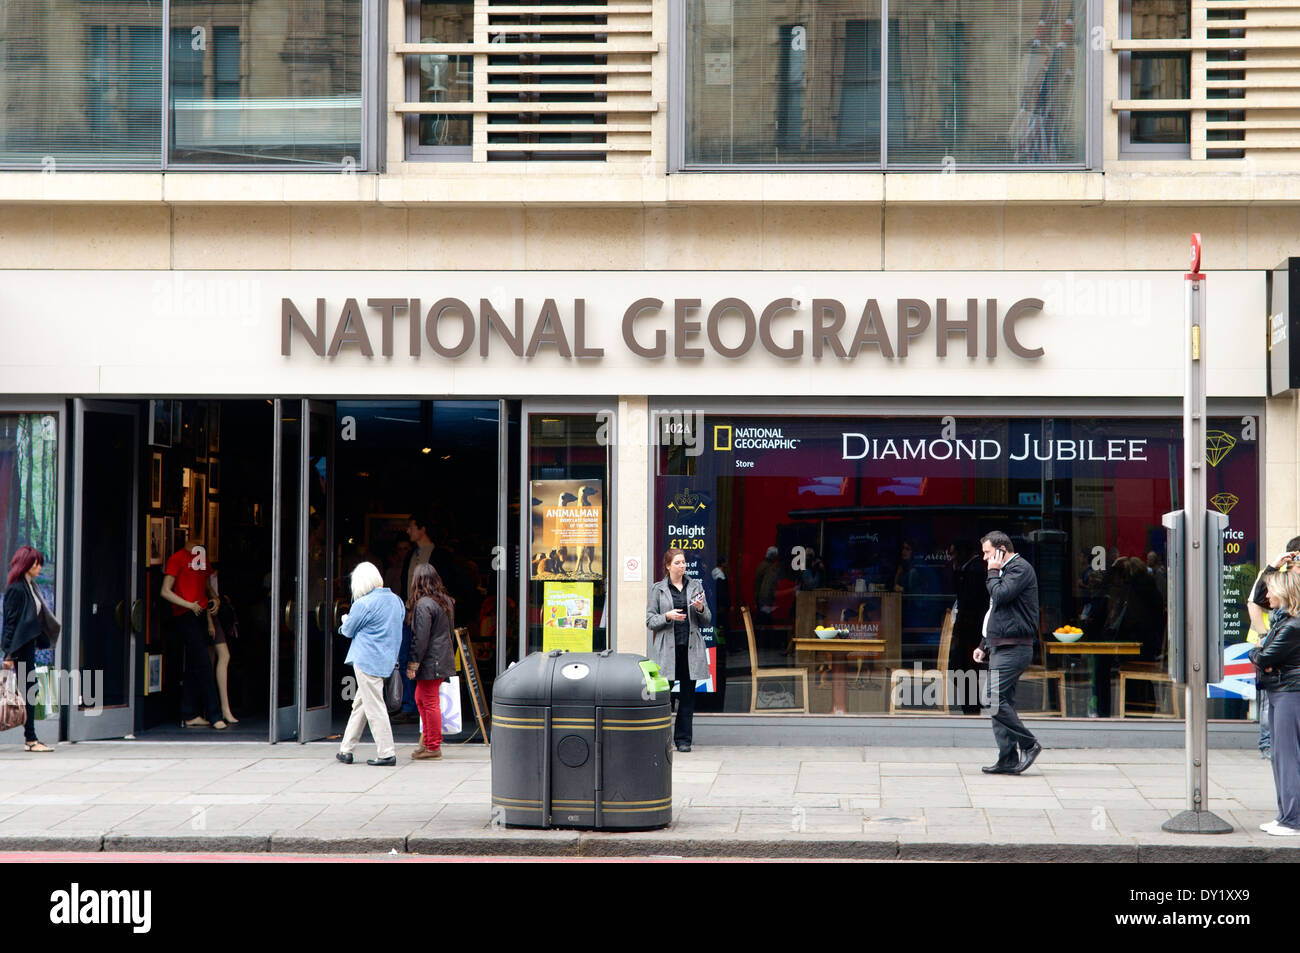 National Geographic Shop, Knightsbridge, London , UK - Stock Image